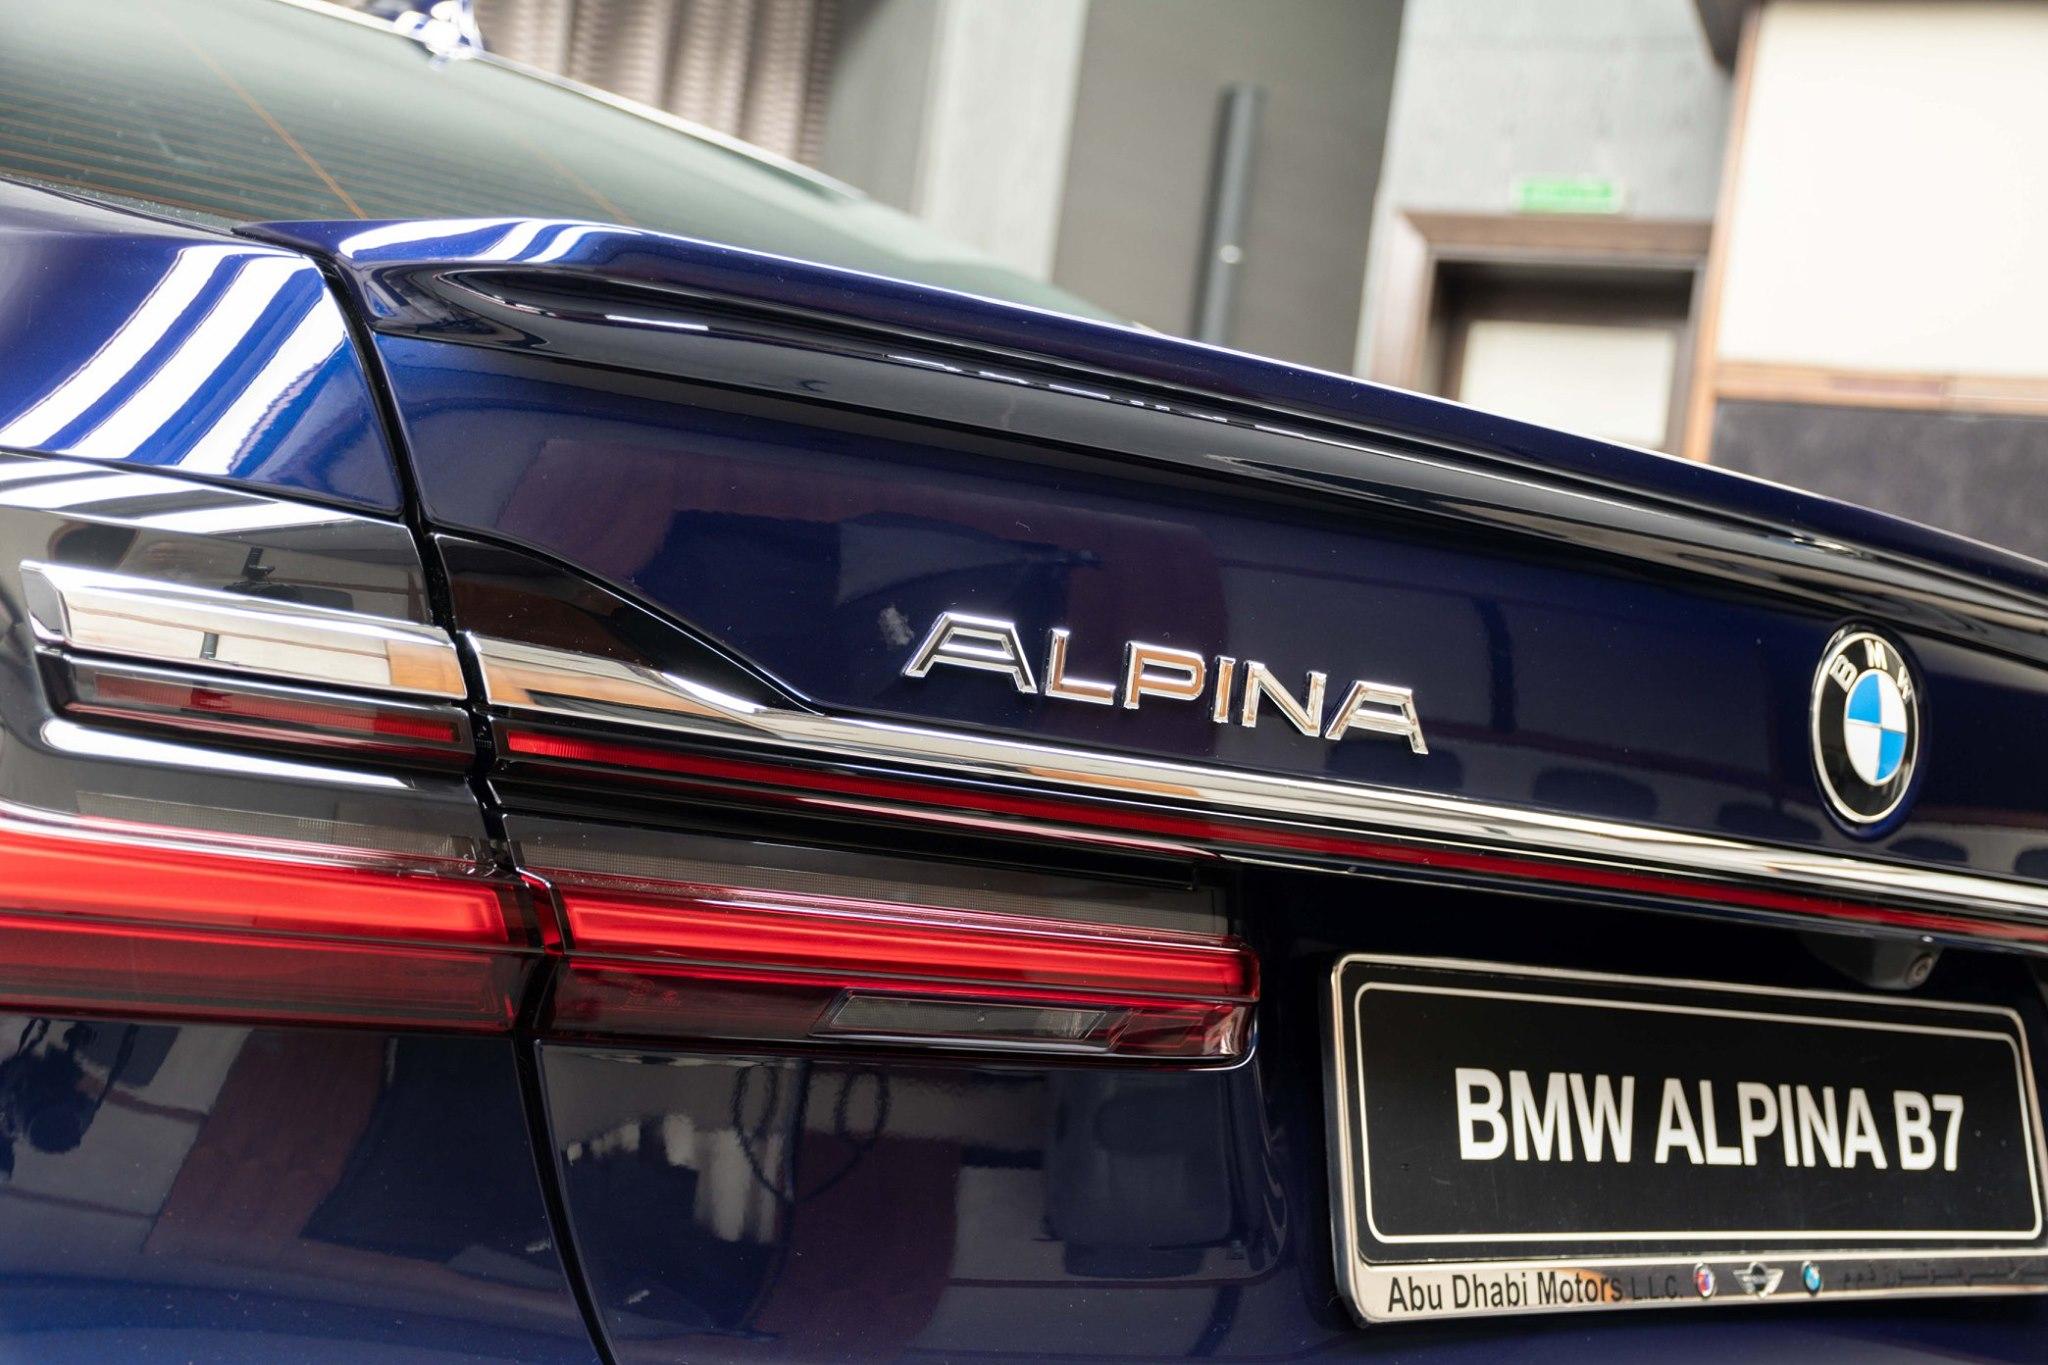 2020 BMW Alpina B7 Tanzanite Blue 9